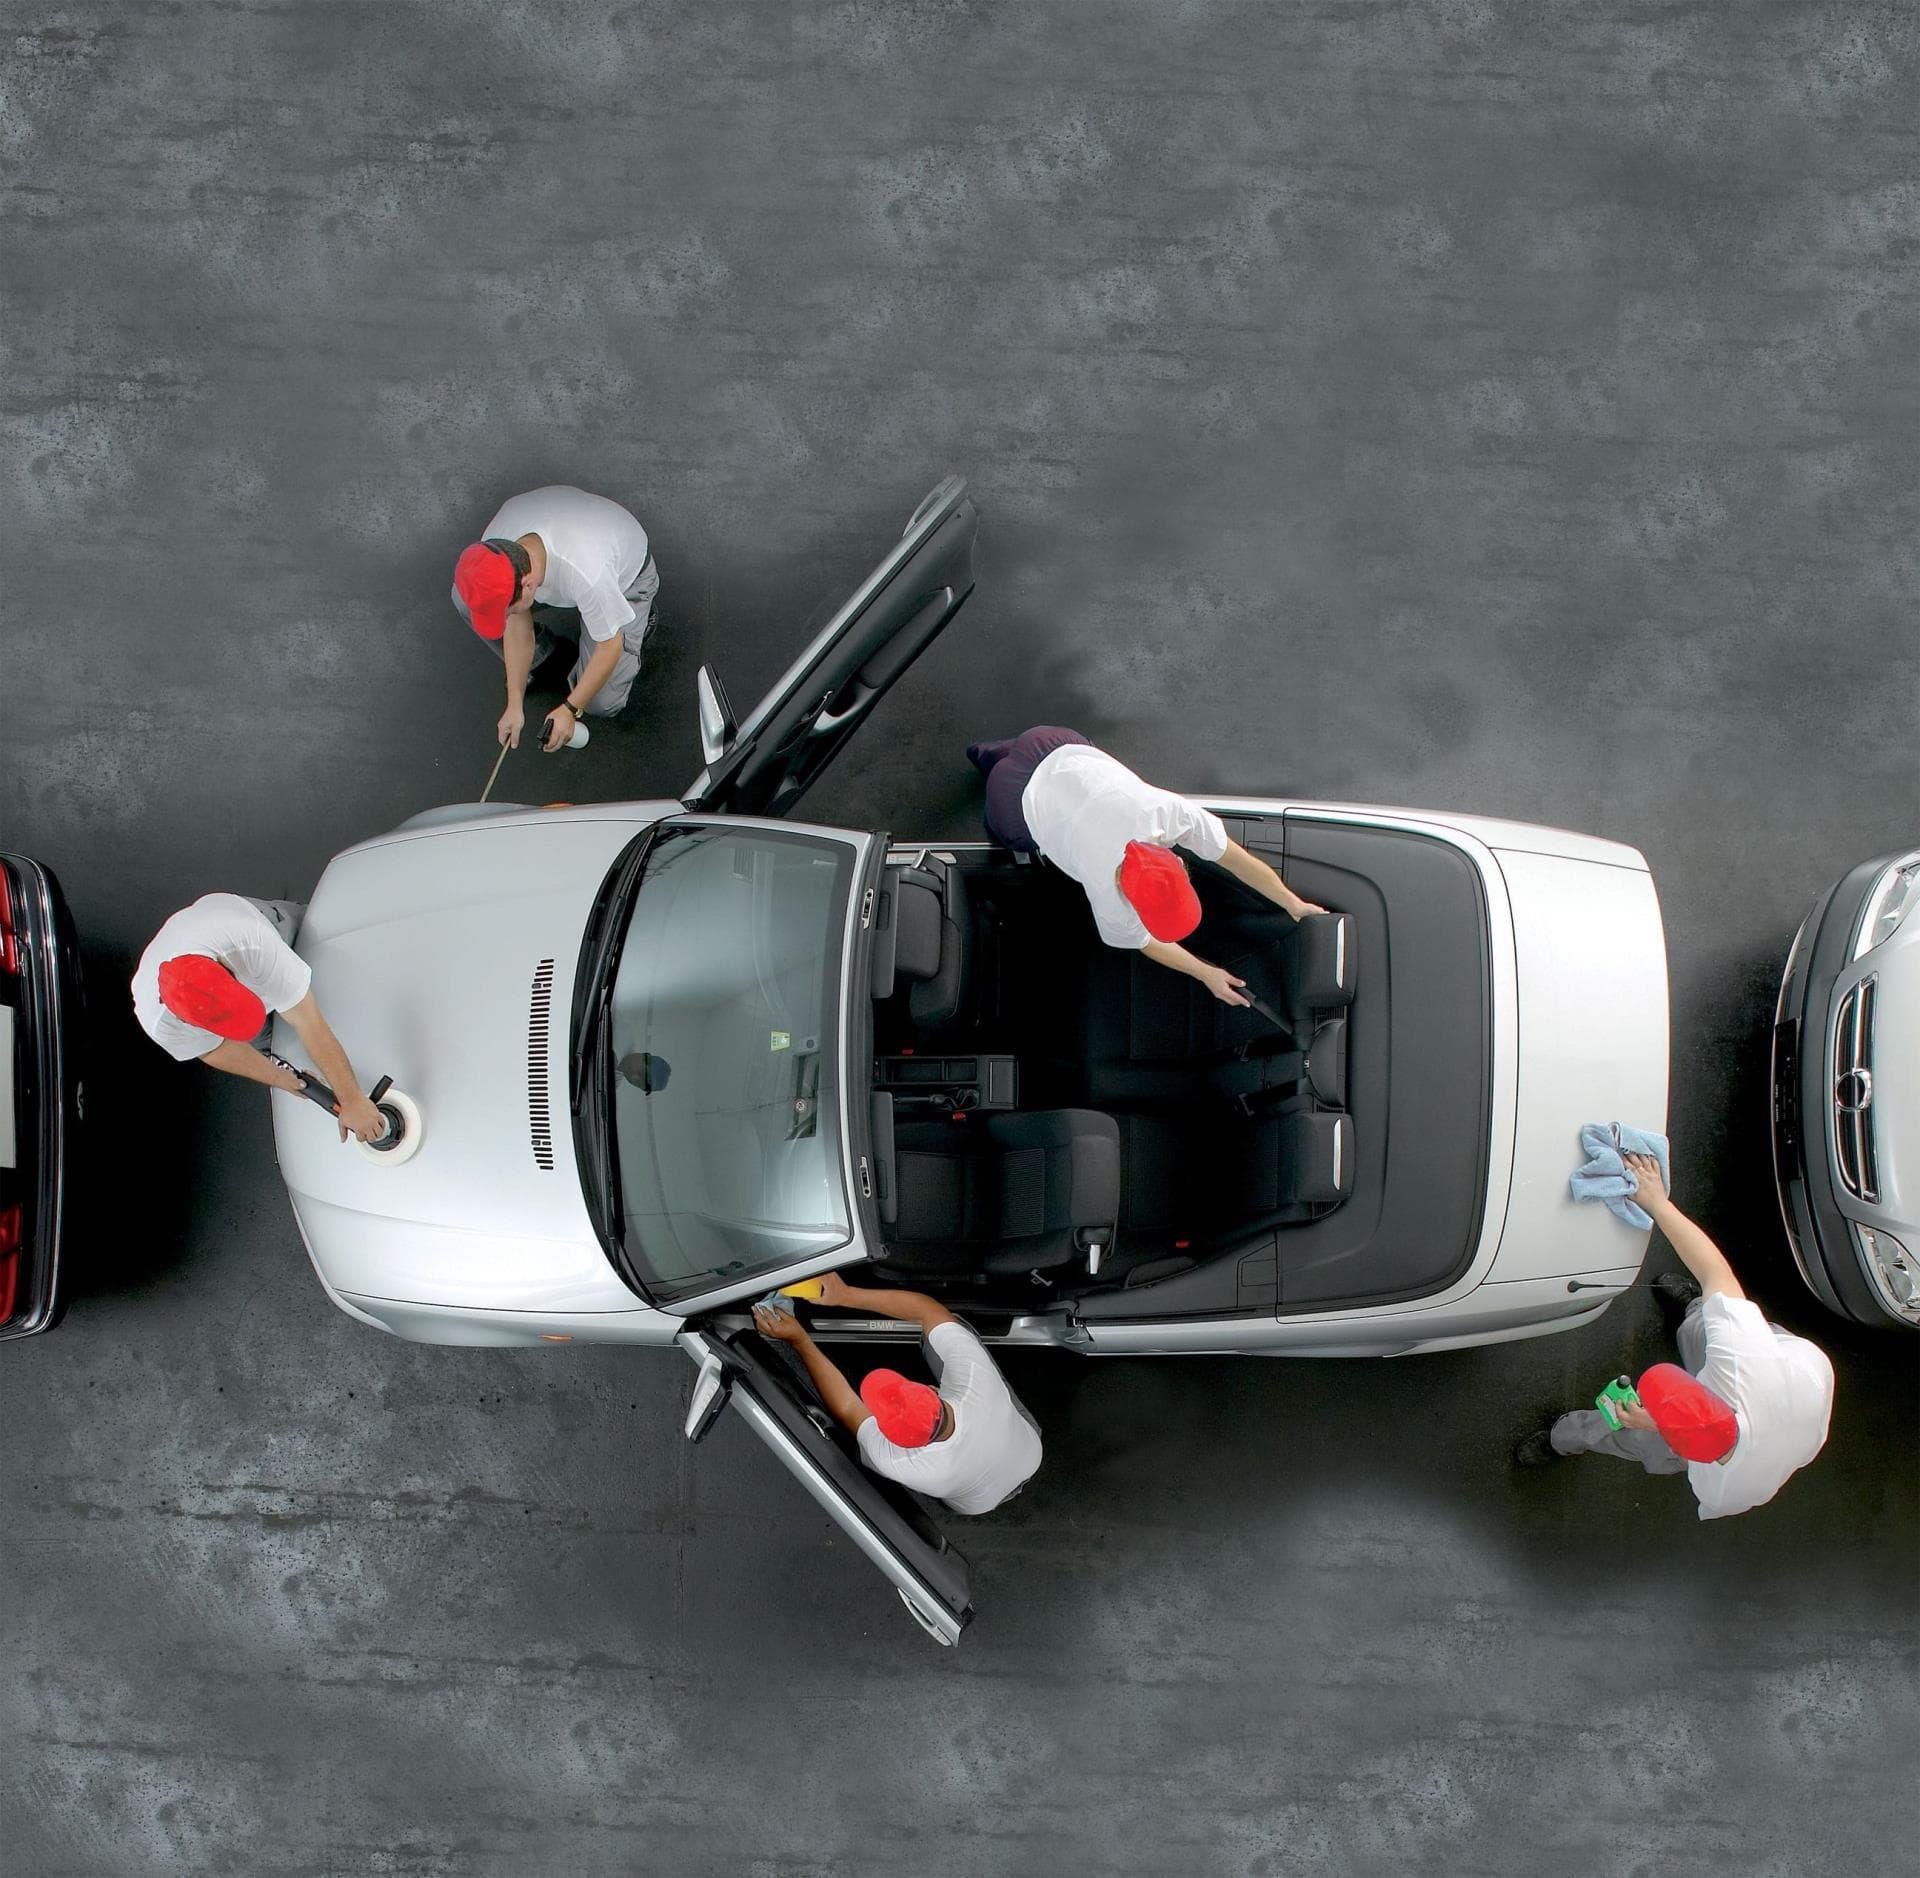 Lavage ext rieur int rieur american car wash clermont for Lavage auto exterieur interieur